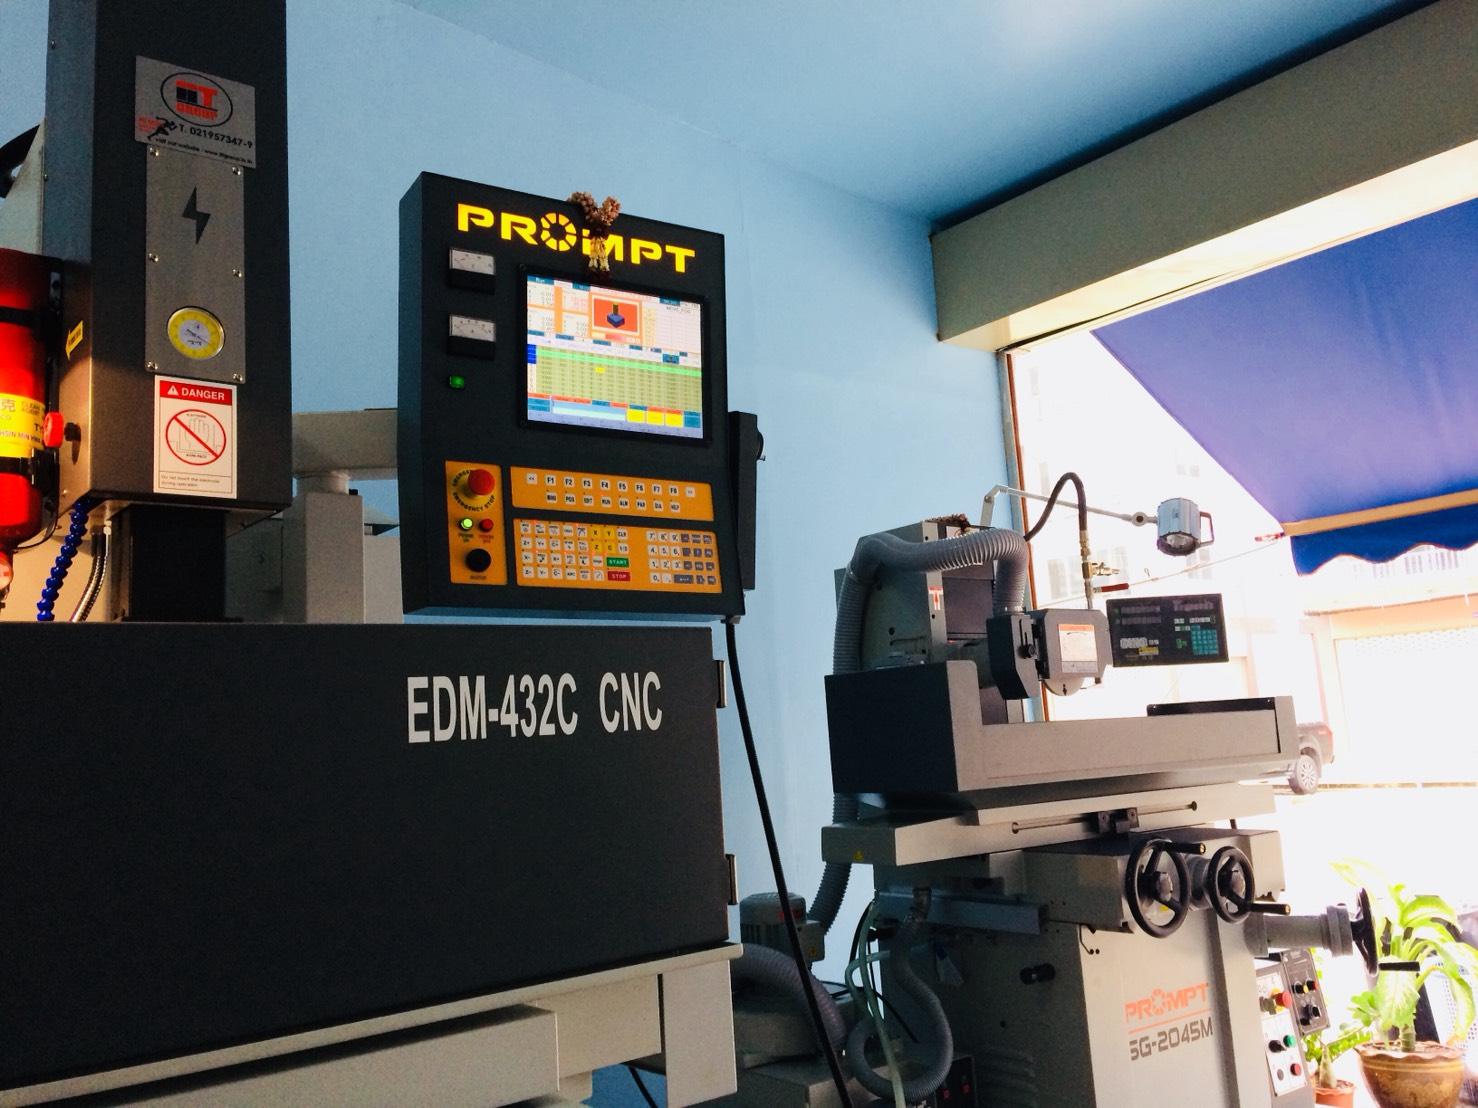 งานติดตั้ง Prompt EDM 432C CNC & Prompt Grinder @ SSJC 17-9-61